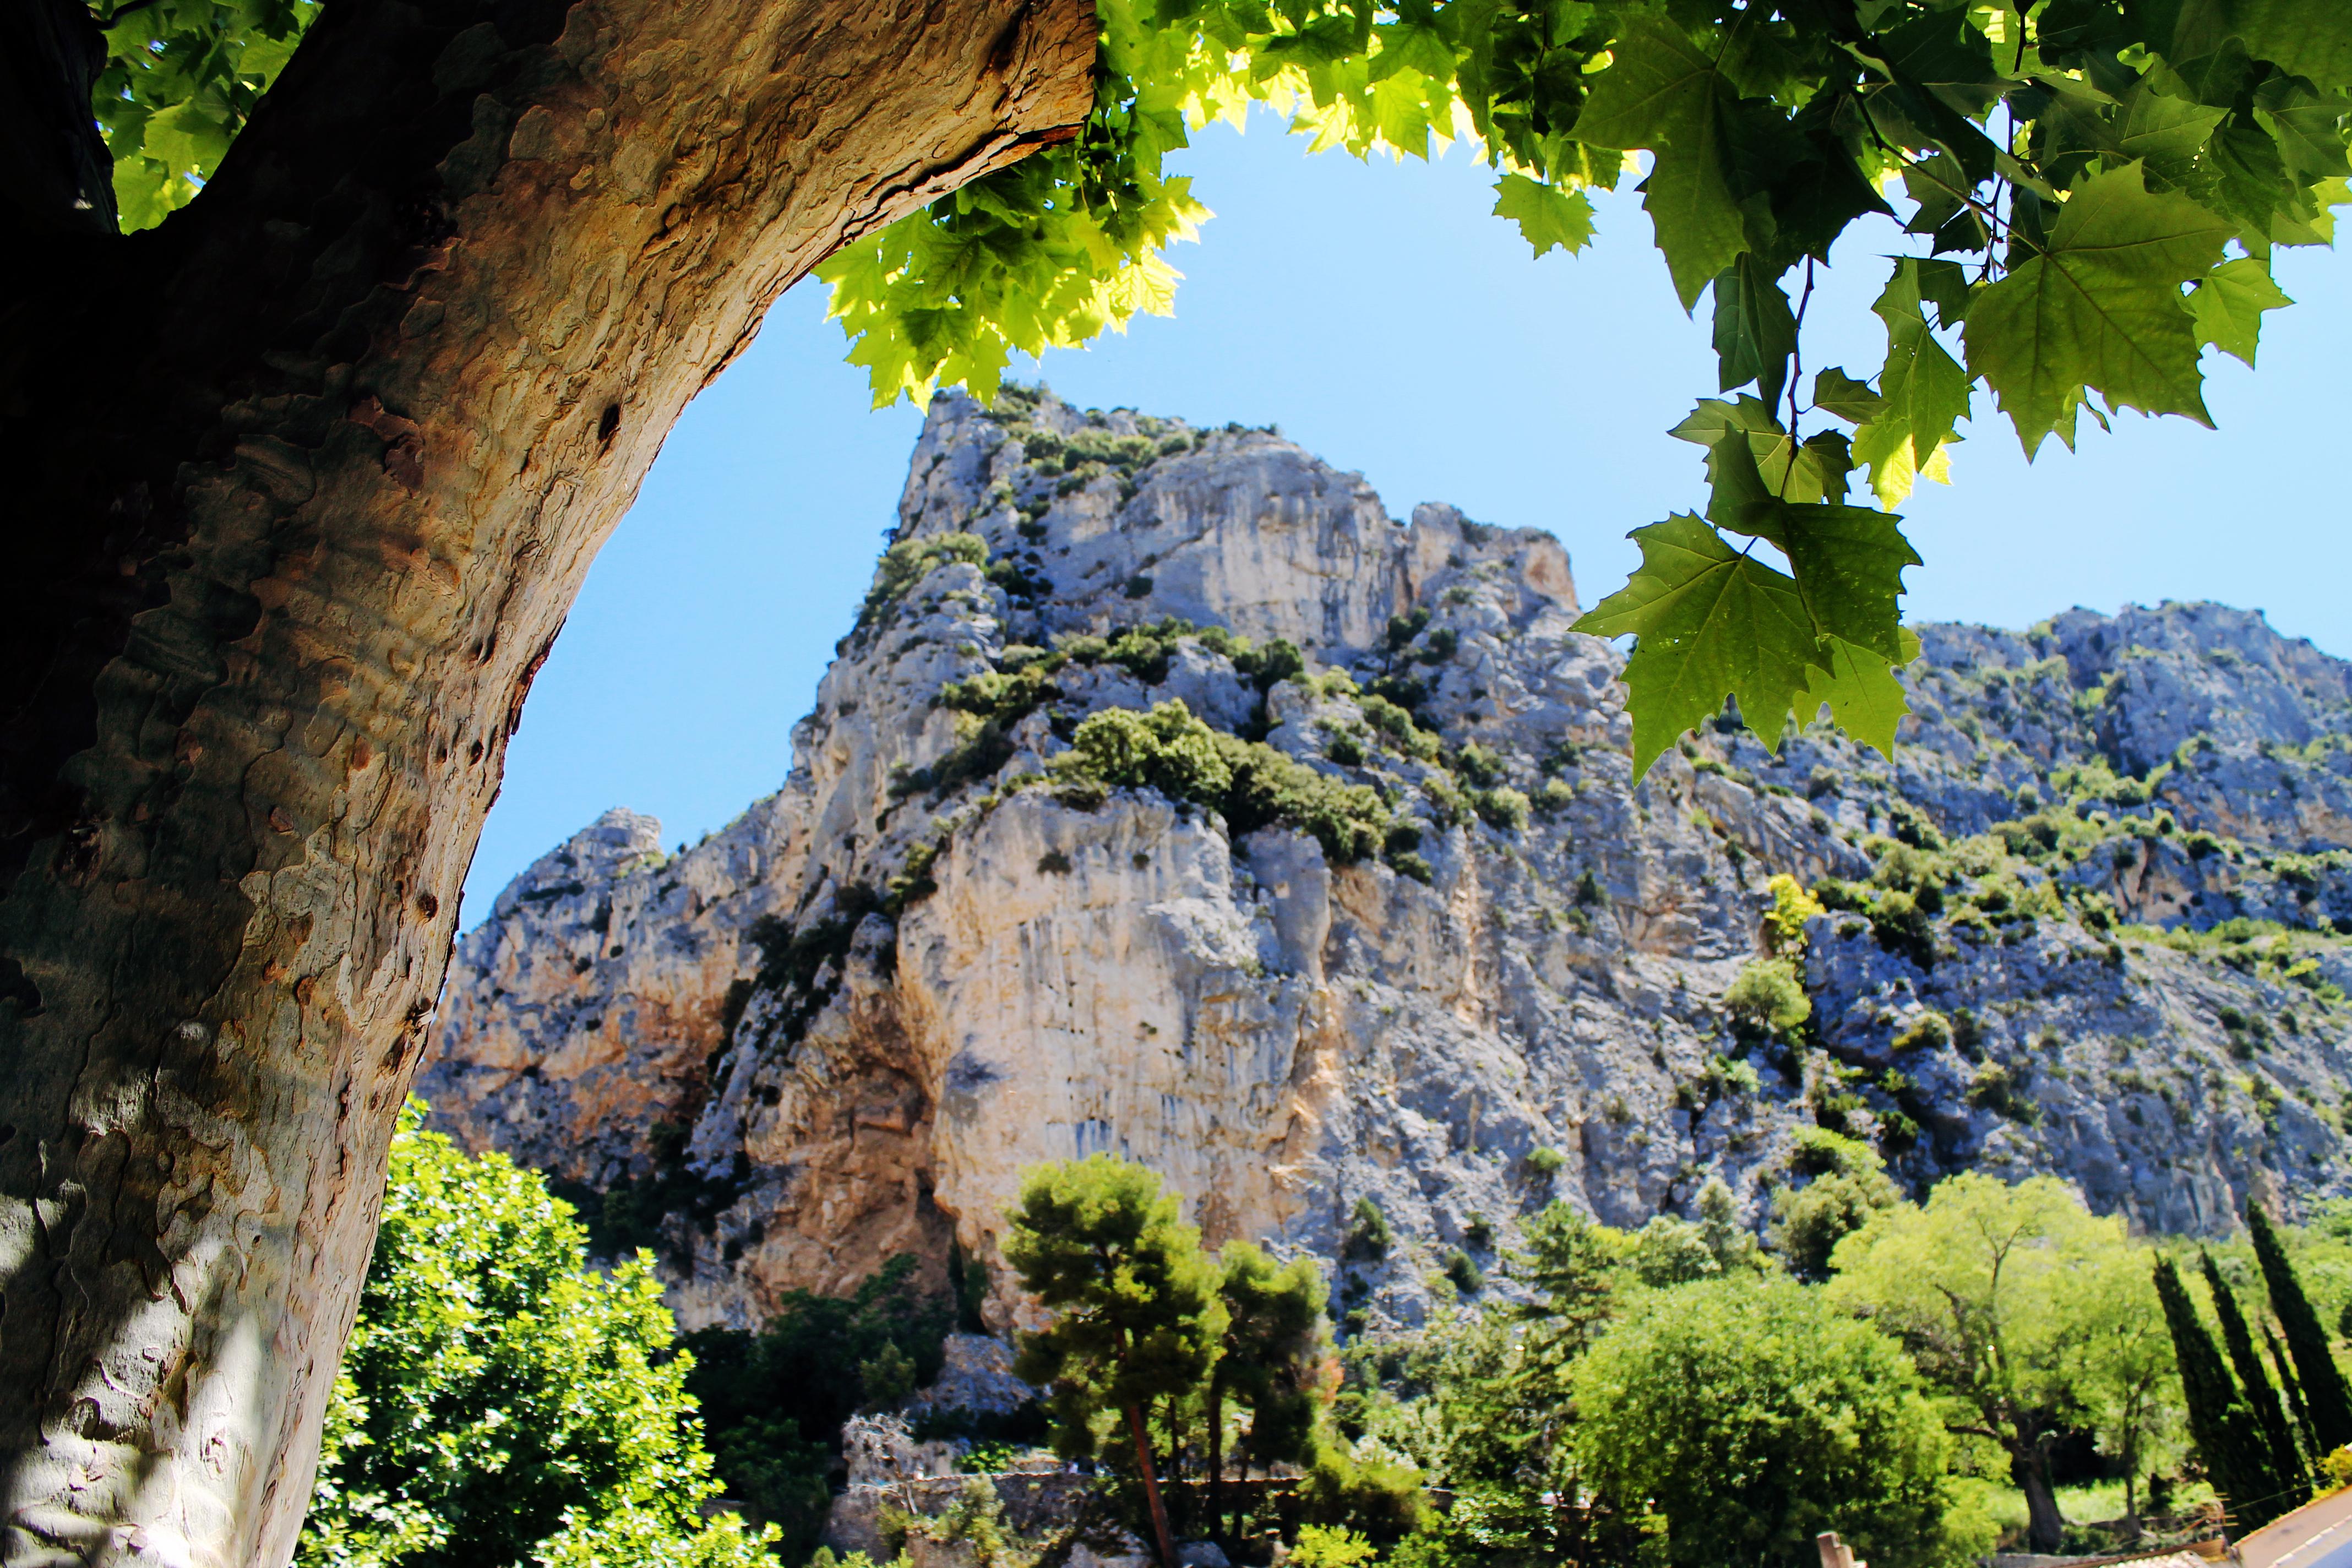 Roteiro de viagem pela Provença - Moustiers-Sainte-Marie